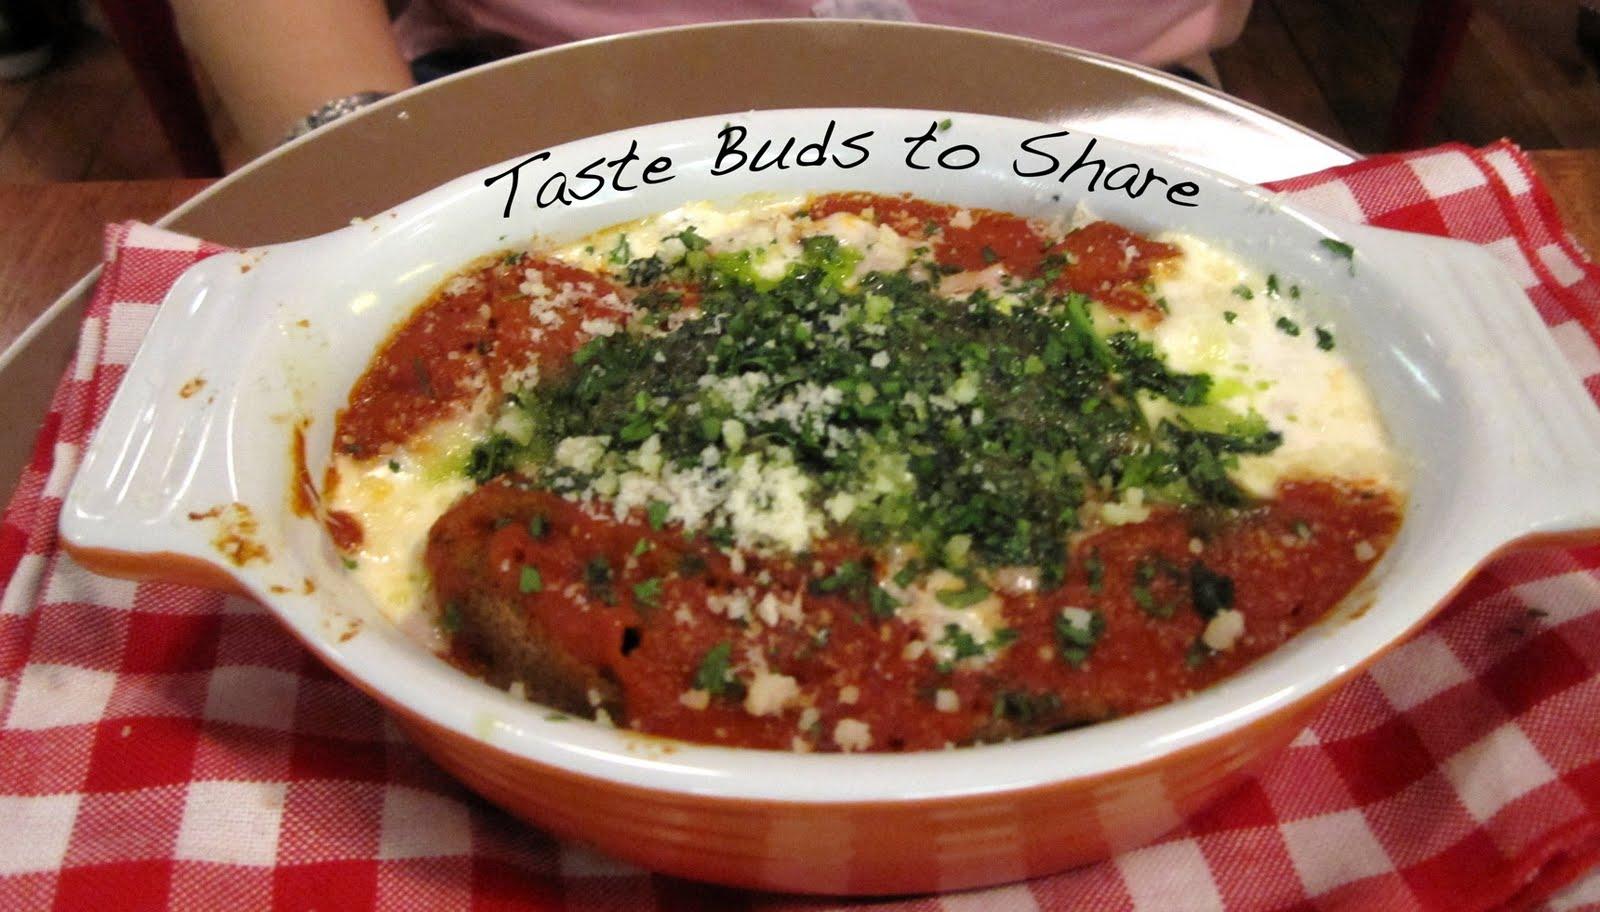 Taste Buds To Share Kitchenette